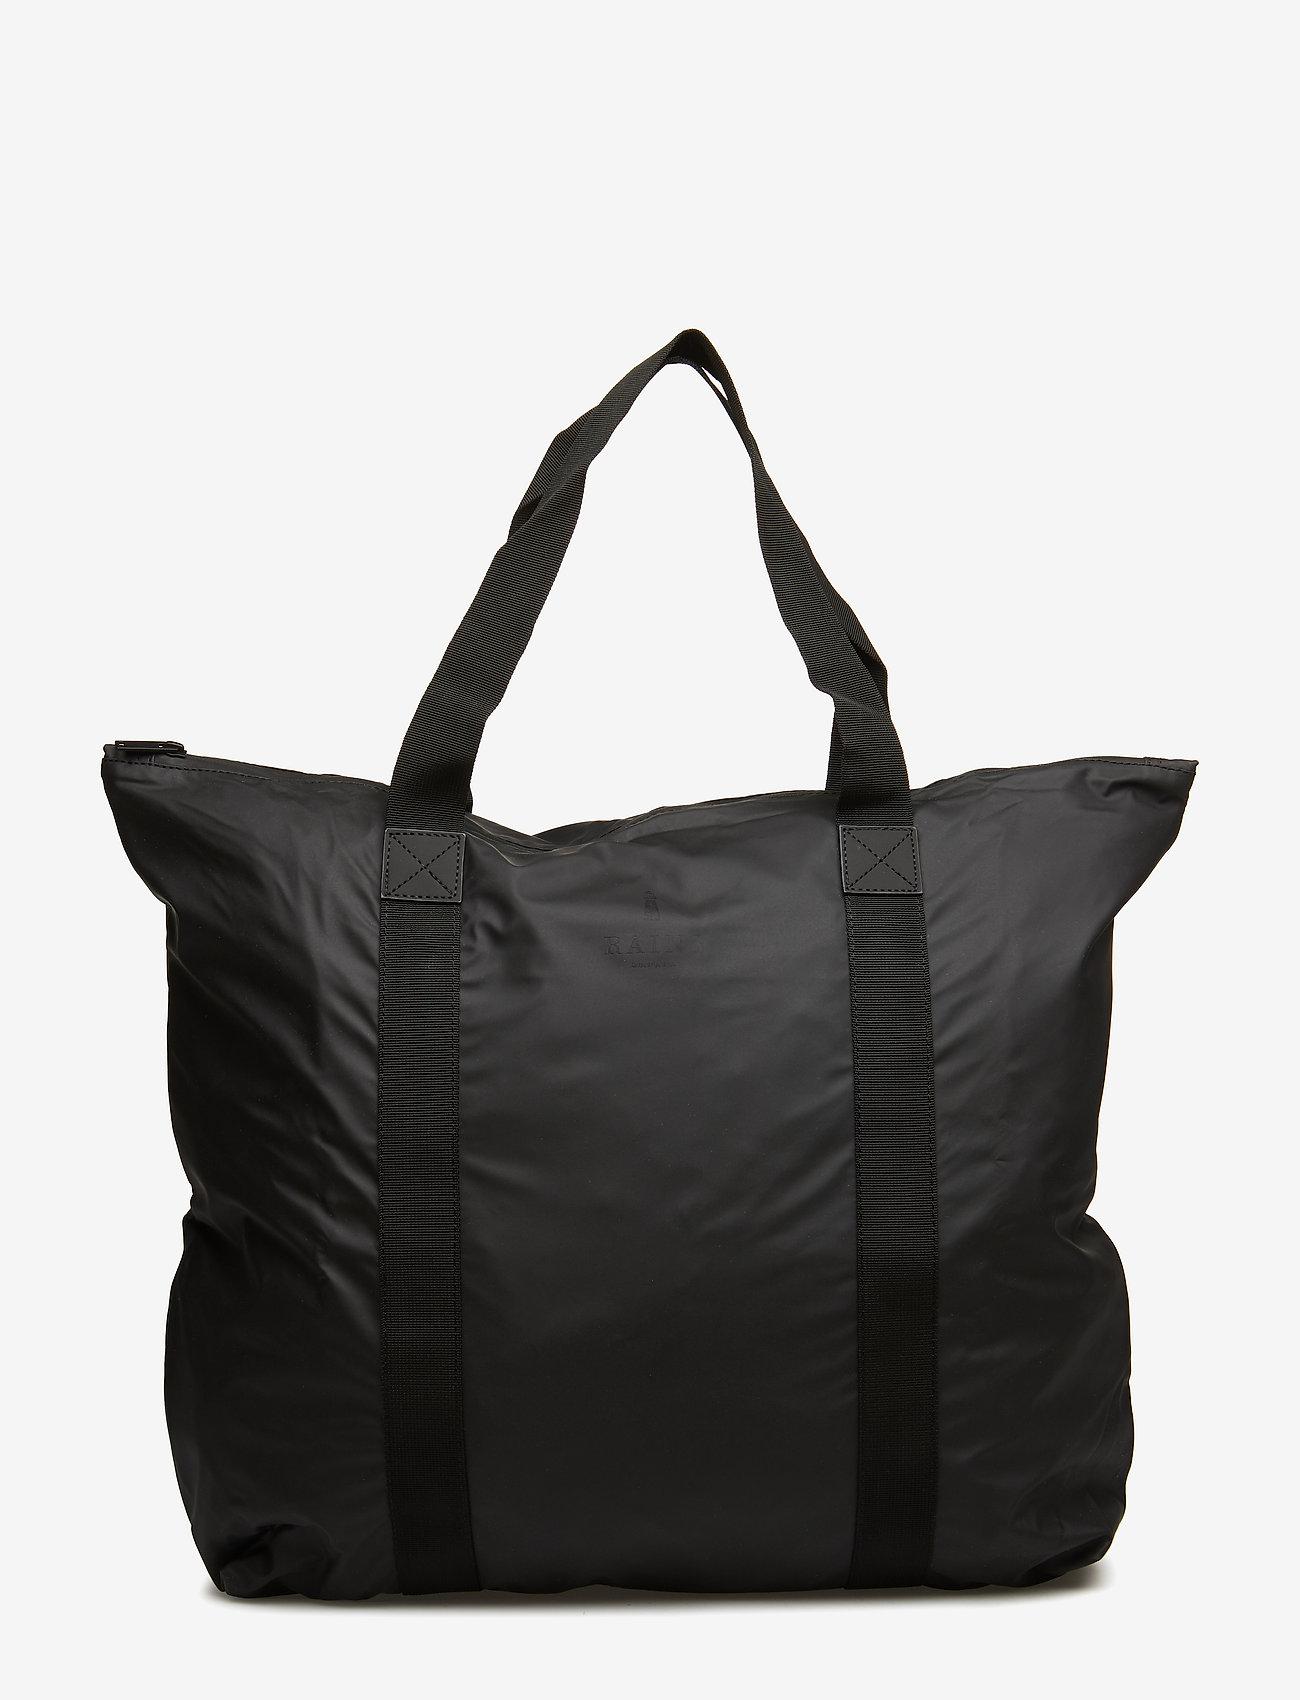 Rains - Tote Bag - tote bags - 01 black - 0